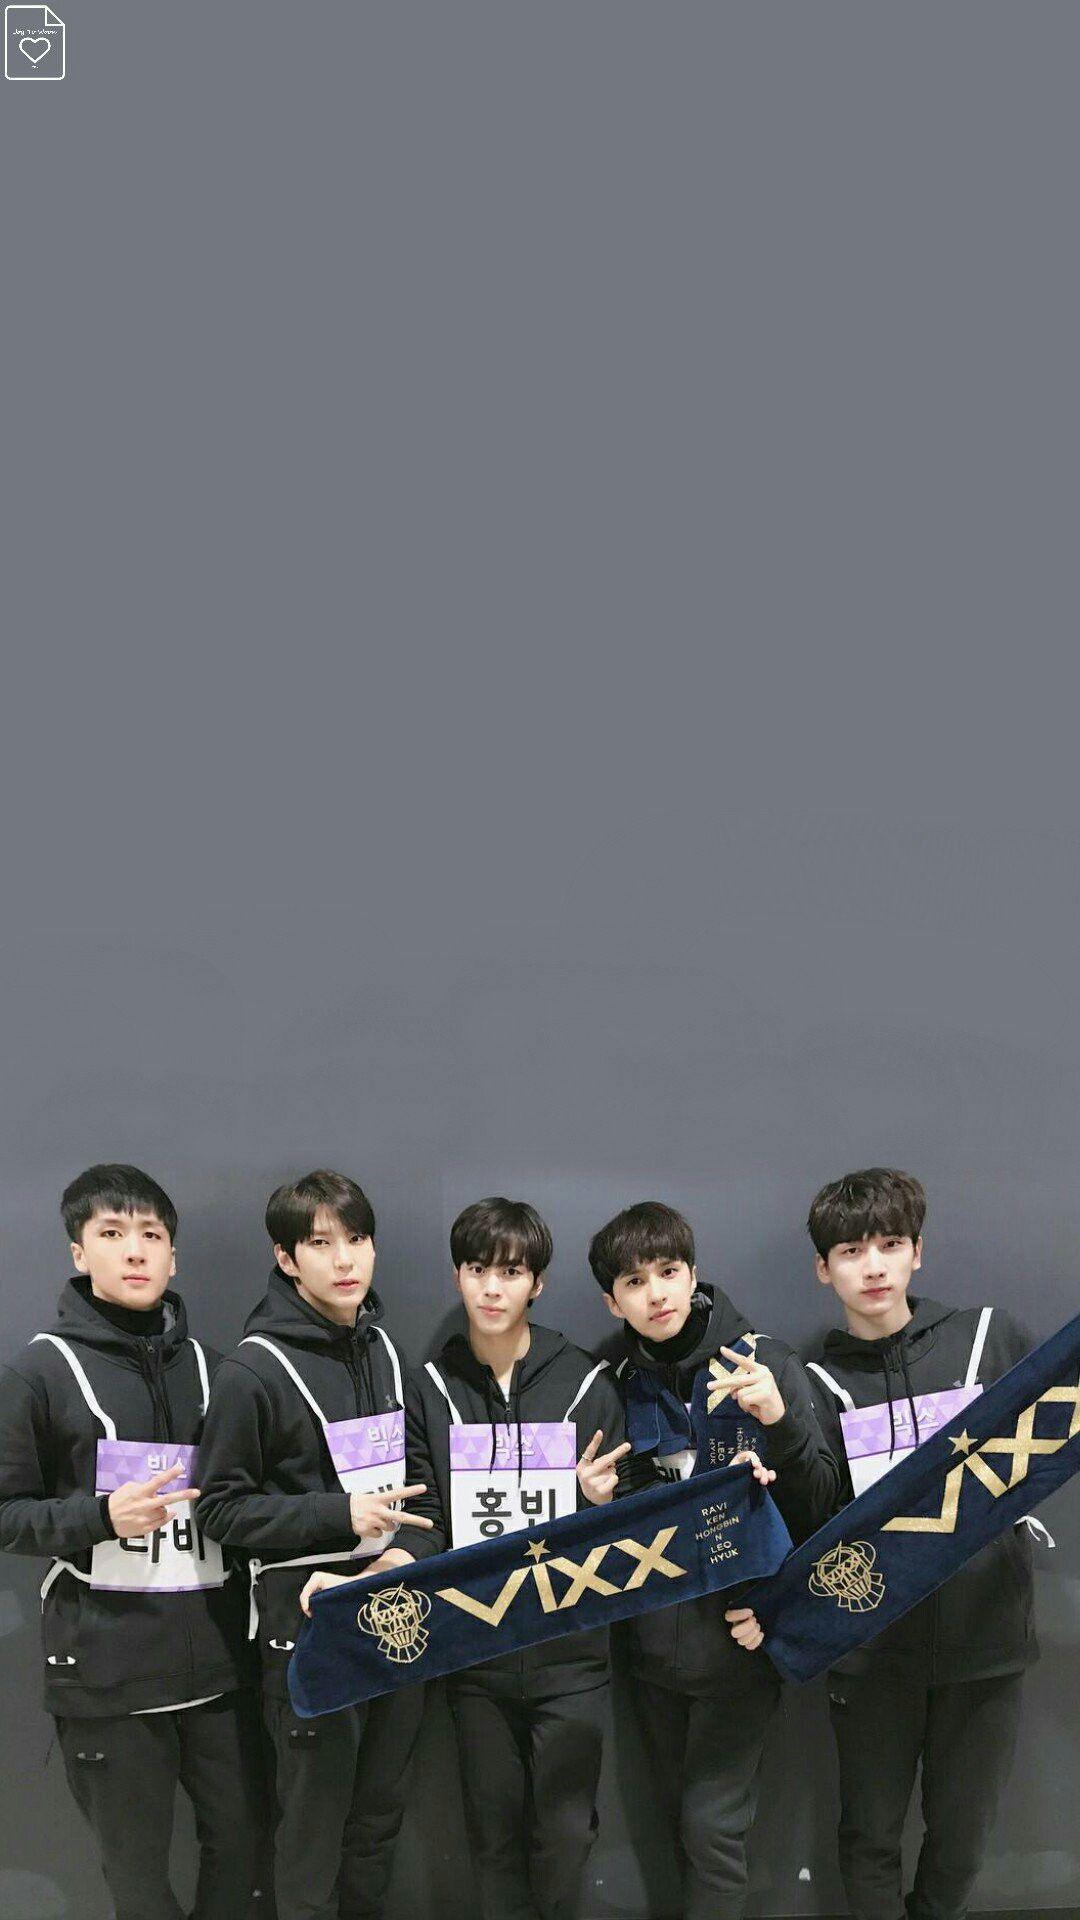 VIXX Wallpaper Vixx Lee Jaehwan Backgrounds Idol Guys Wallpapers